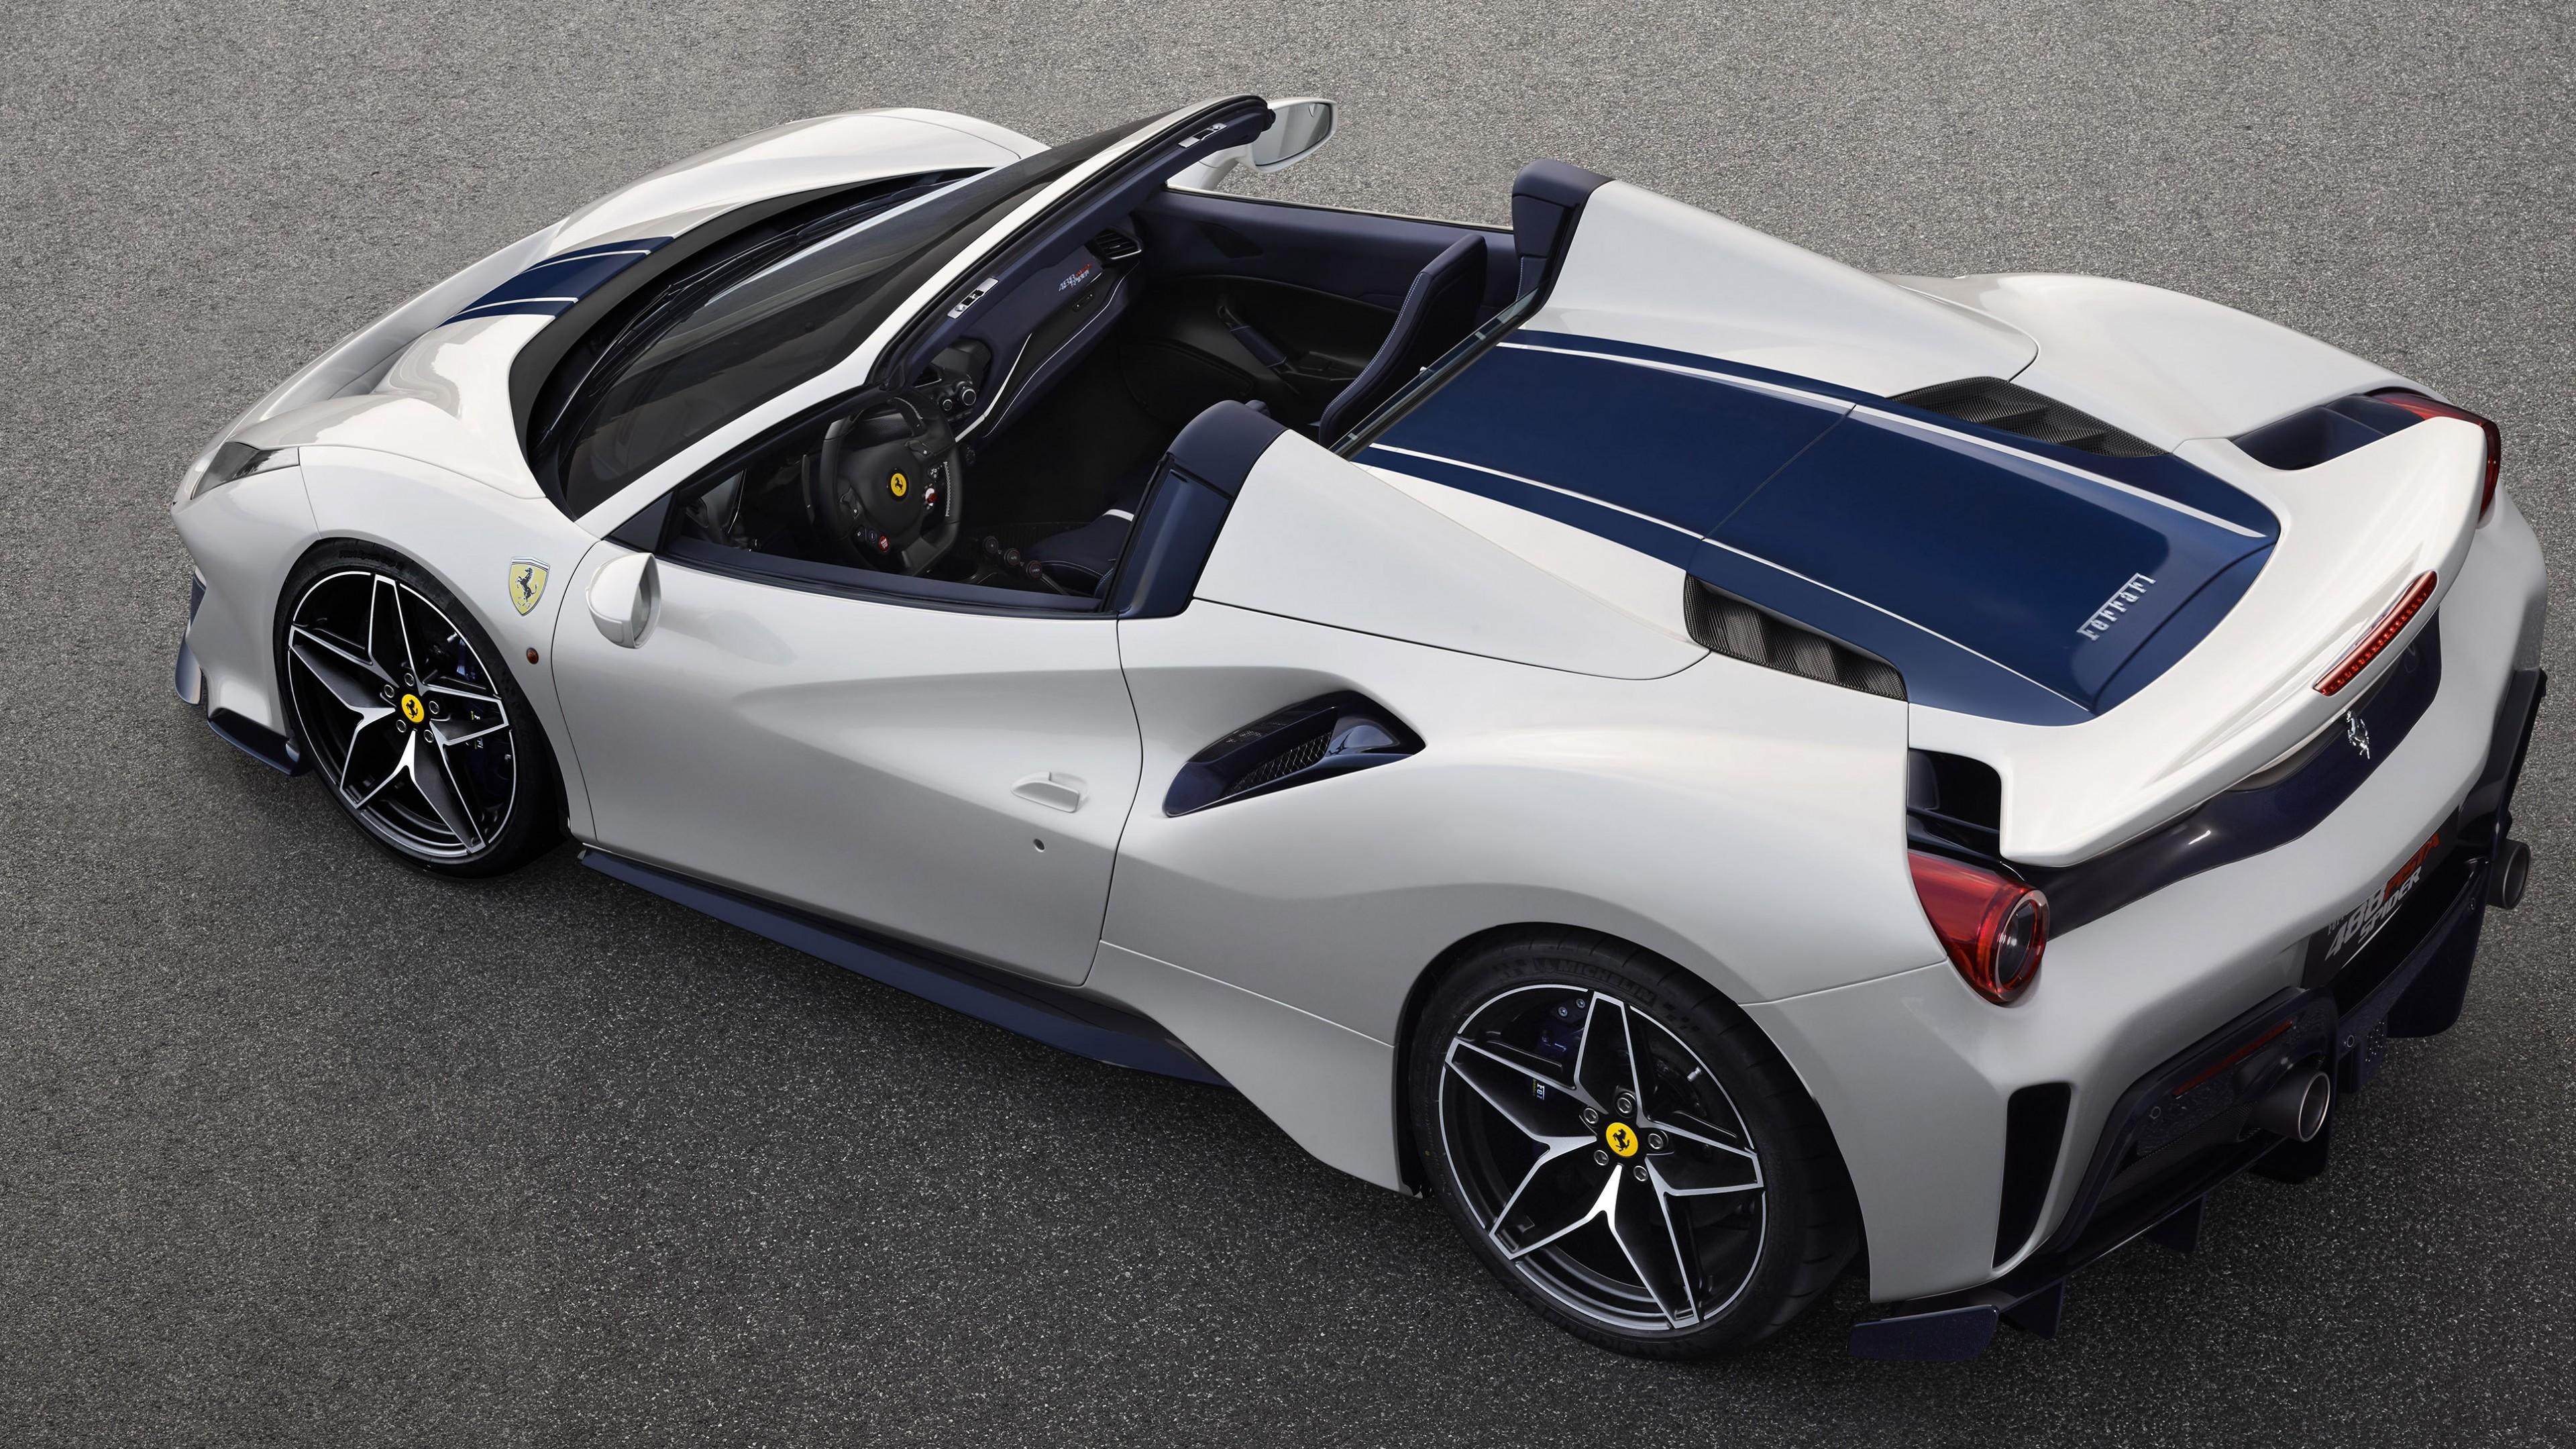 wallpaper ferrari 488 pista spider 2019 cars supercar. Black Bedroom Furniture Sets. Home Design Ideas